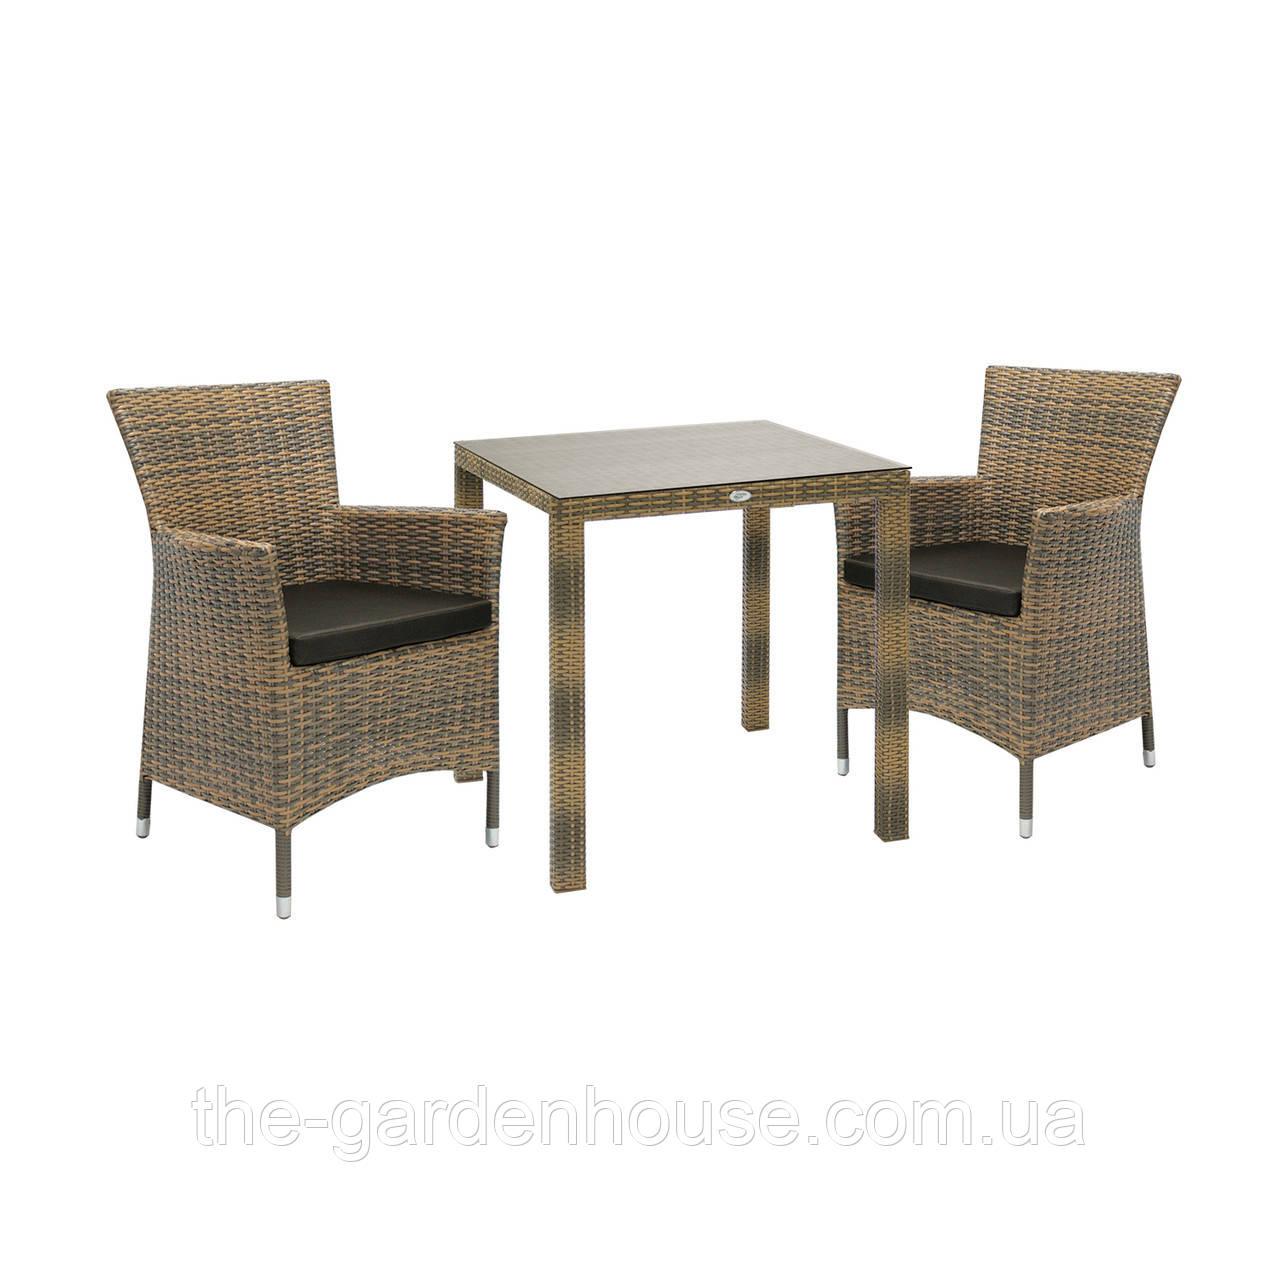 Двухместный набор садовой мебели Викер из техноротанга капучино